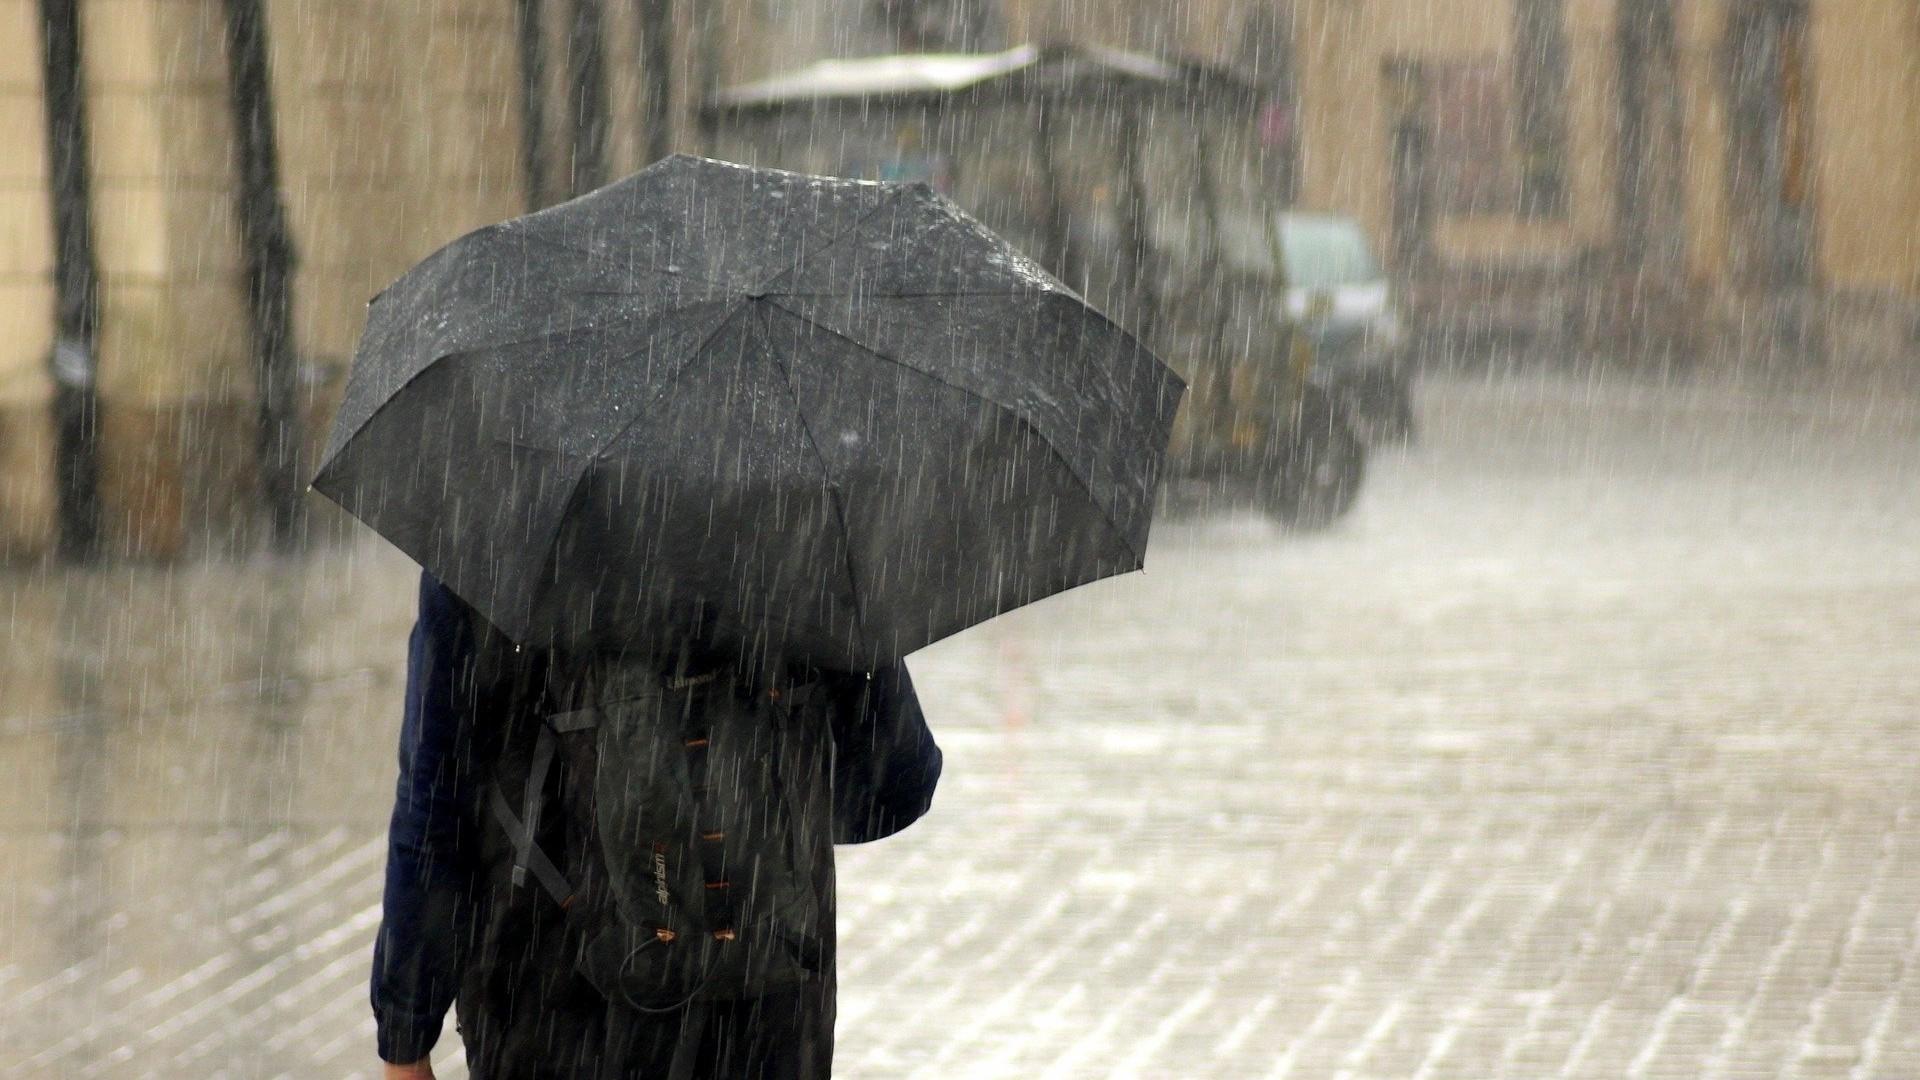 МЧС предупредило петербуржцев о дождях и грозах в воскресенье Общество